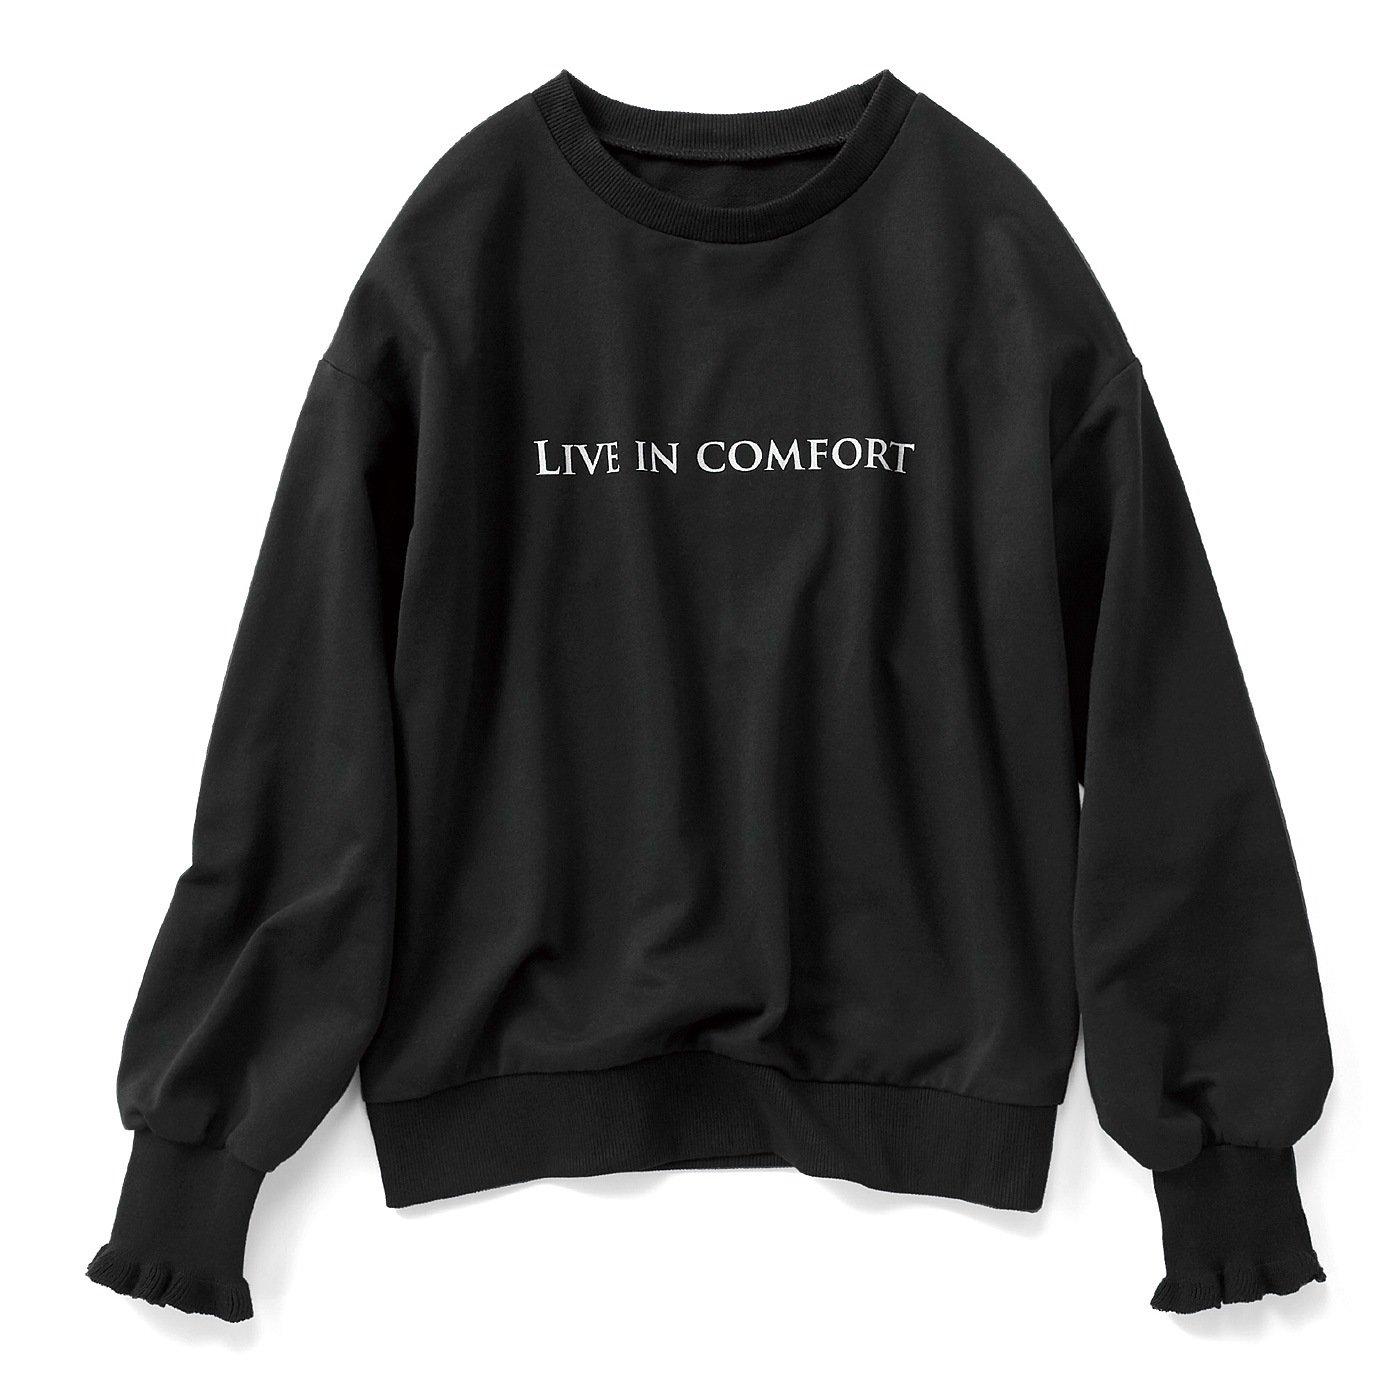 リブ イン コンフォート 袖フリル Live in comfort トレーナー〈ブラック〉